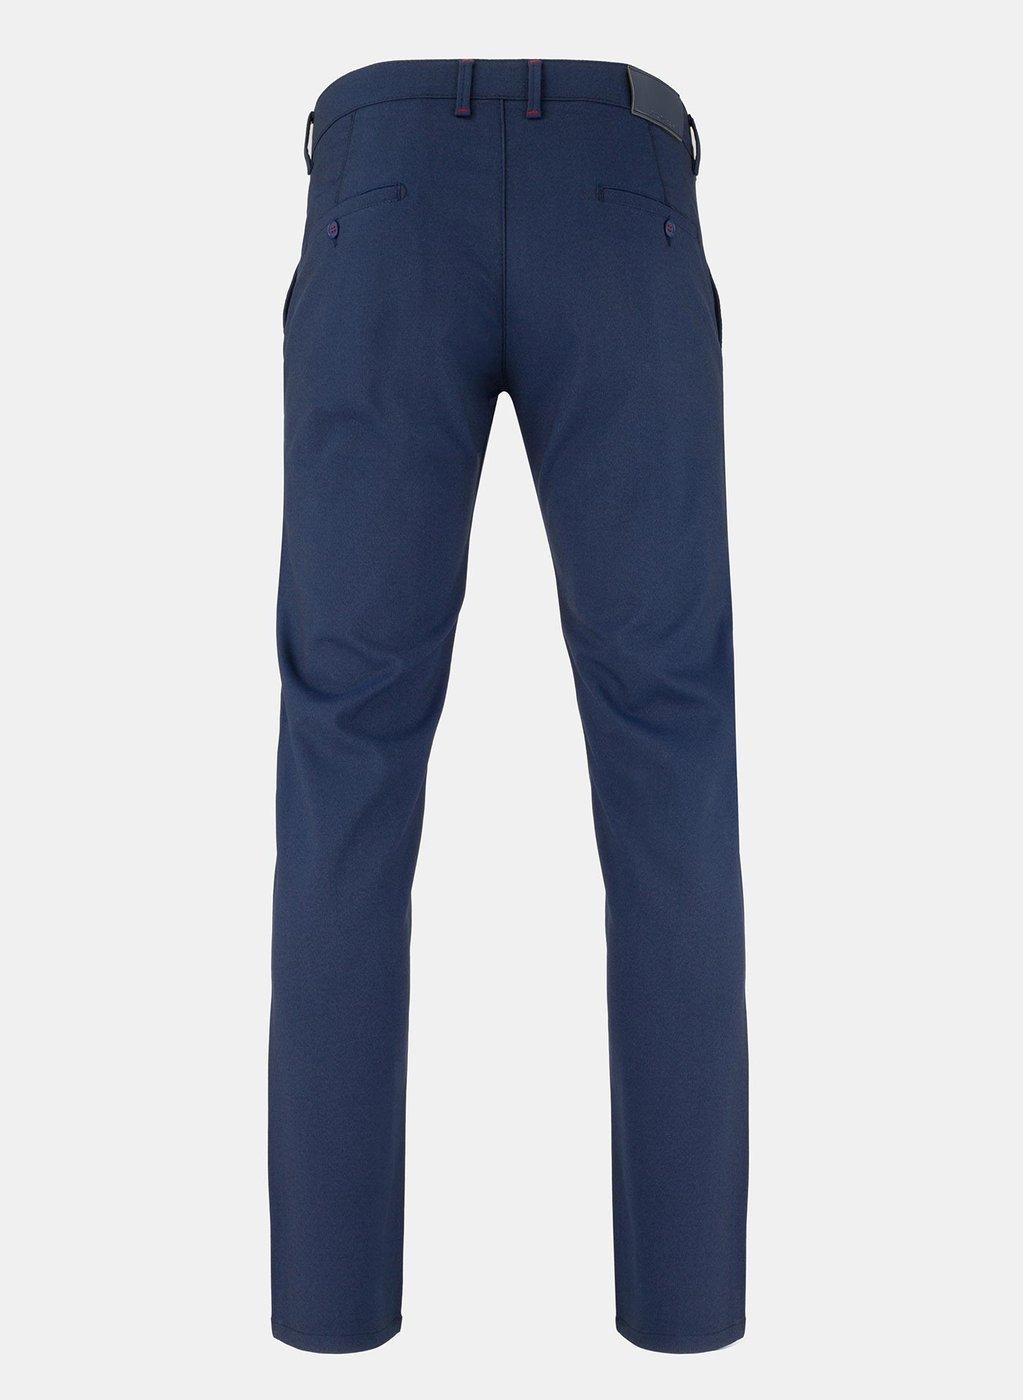 Spodnie męskie TORRE PLM-WX-196-G